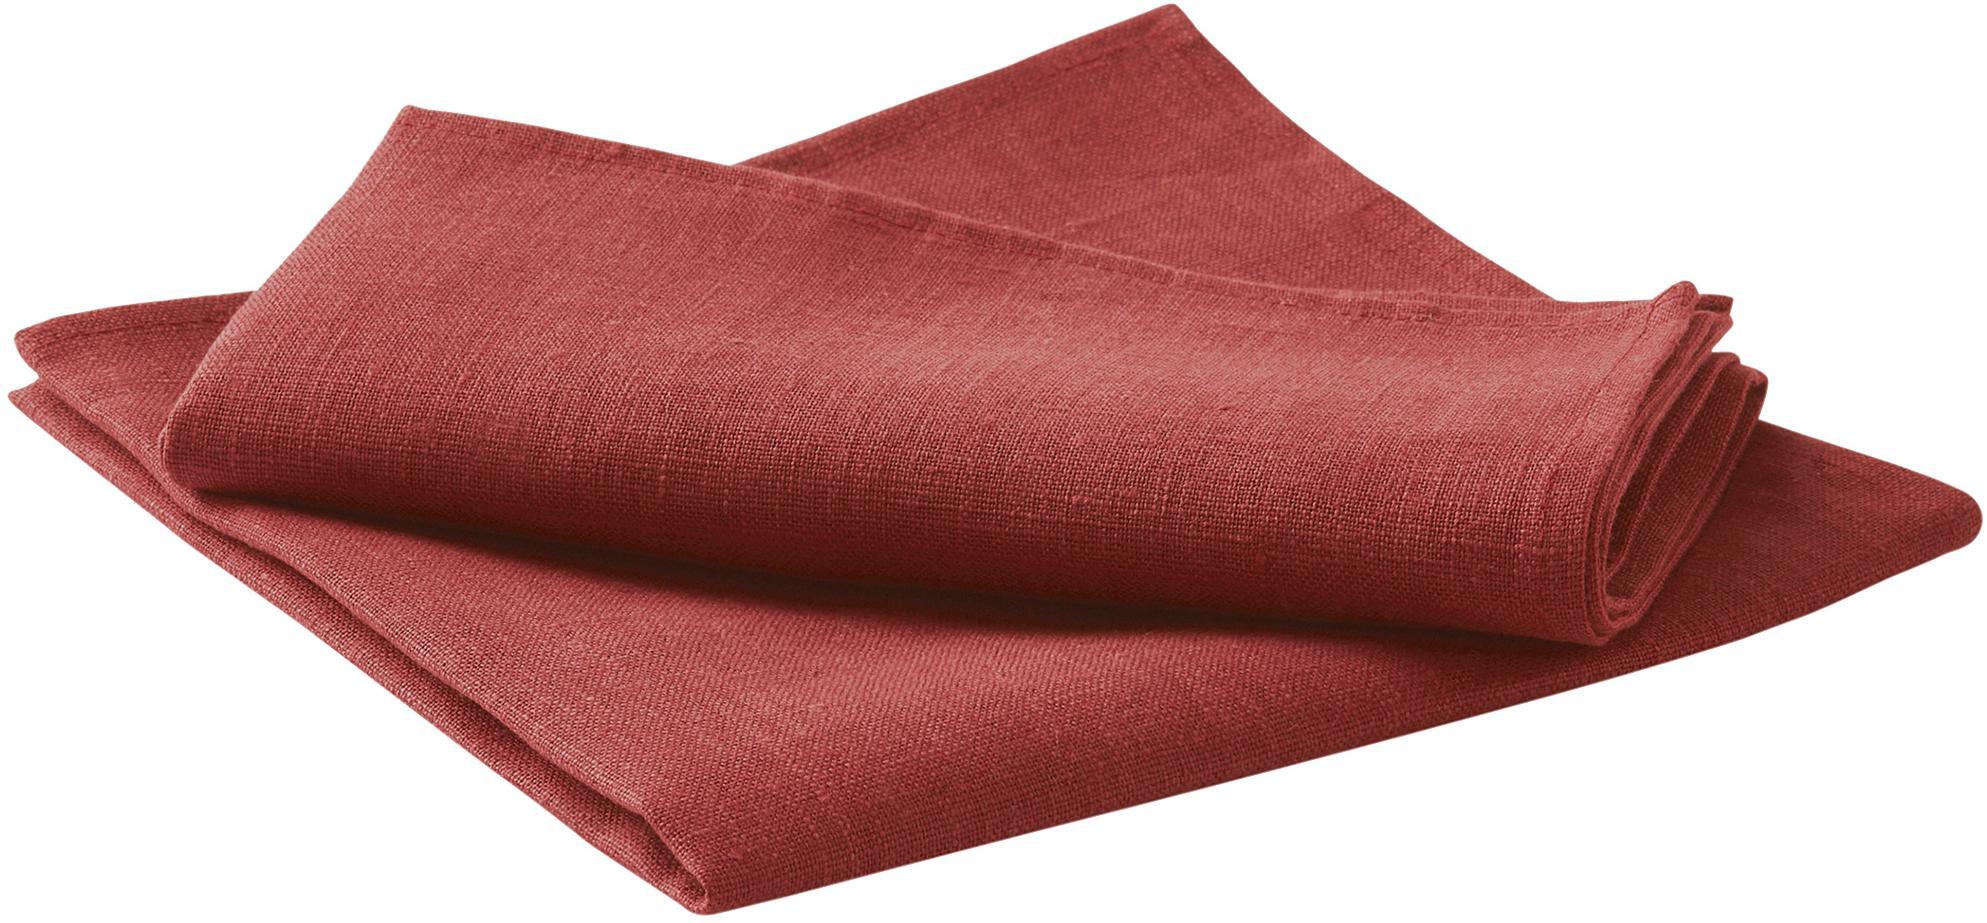 Servilletas de lino Heddie, 2uds., 100%lino, Rojo, An 45 x L 45 cm